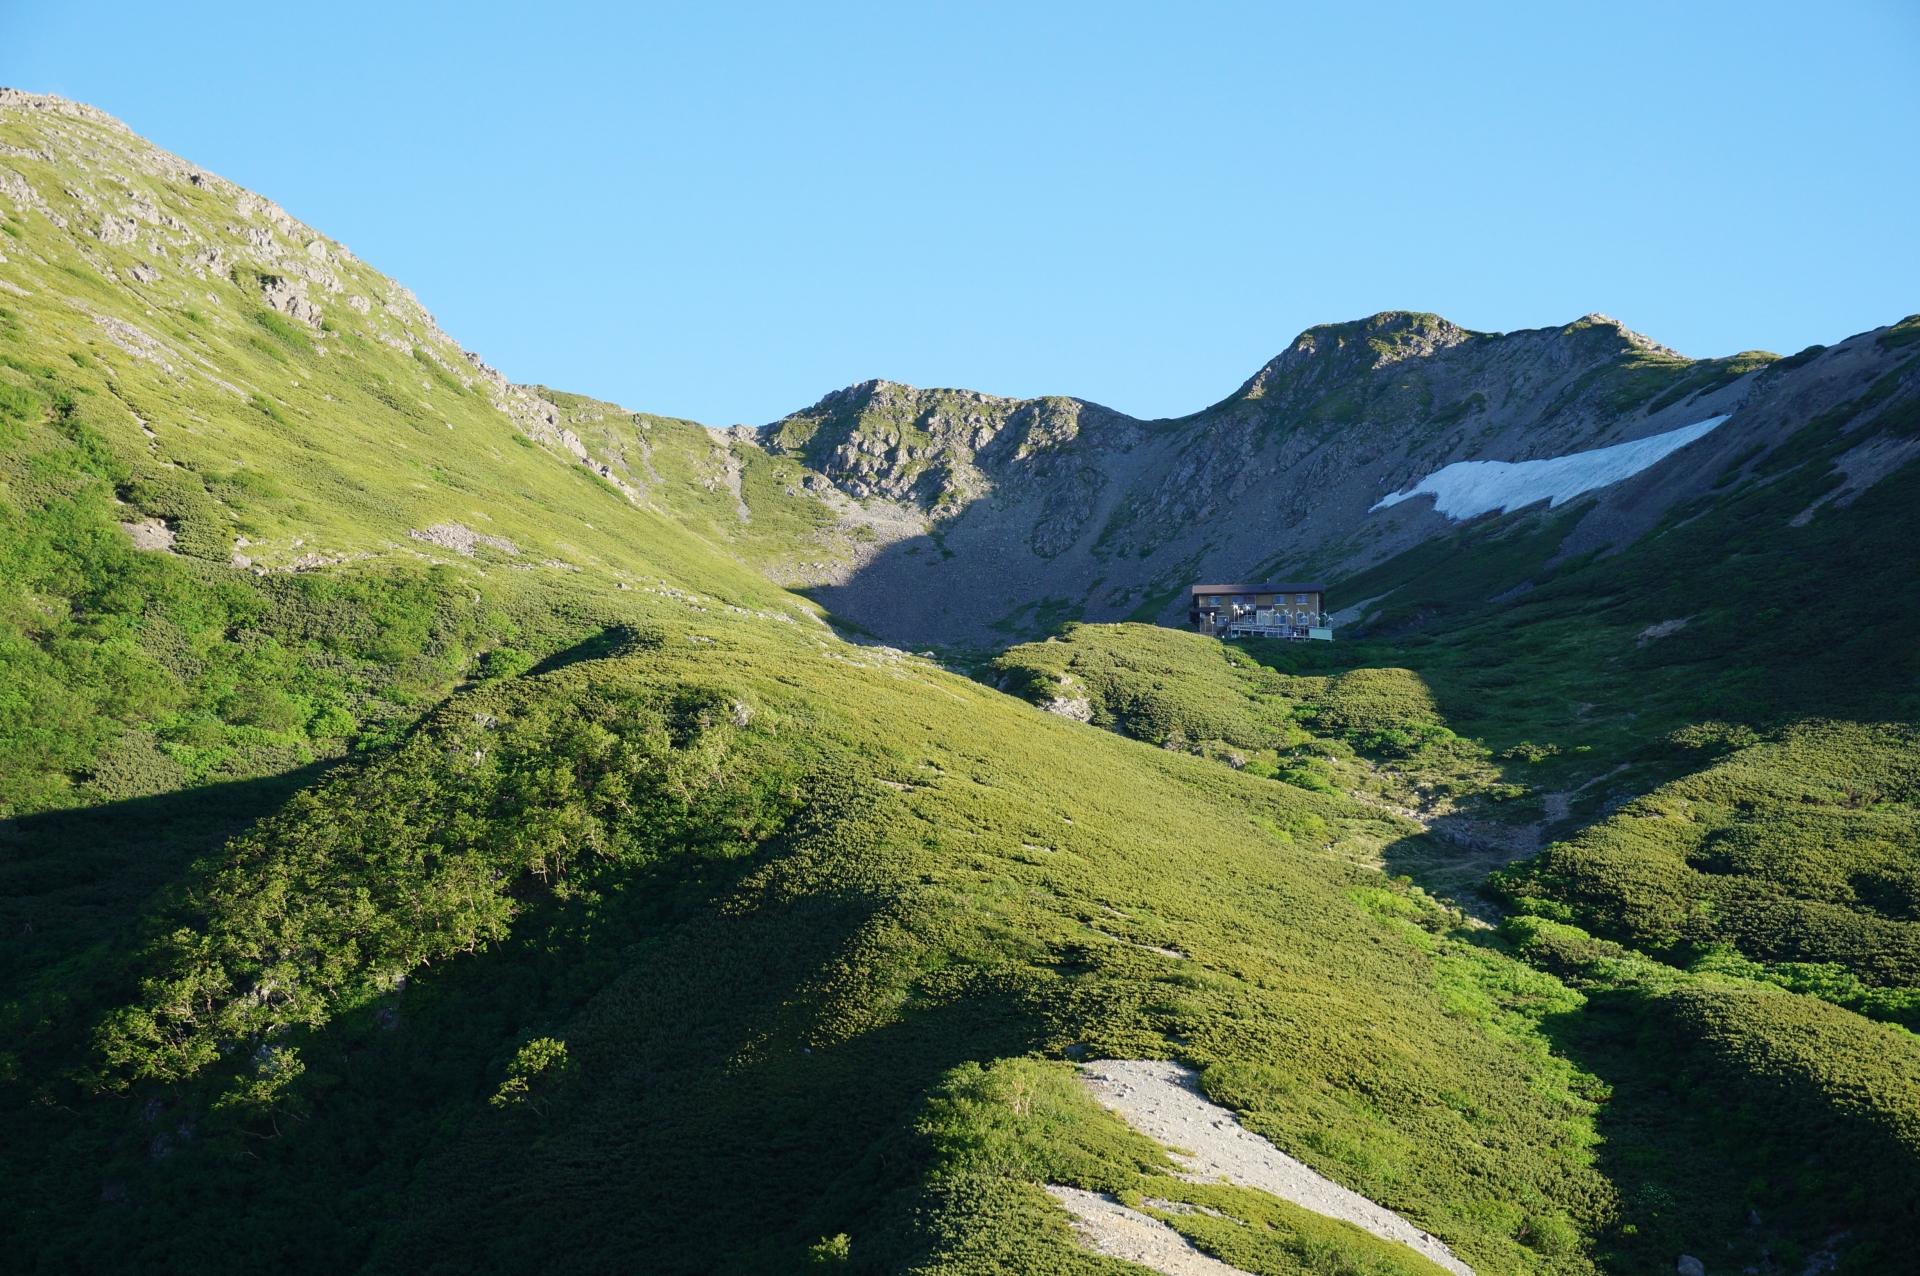 仙丈ヶ岳の日帰登山コースの難易度は?バスや車でのアクセスや山小屋の場所も紹介